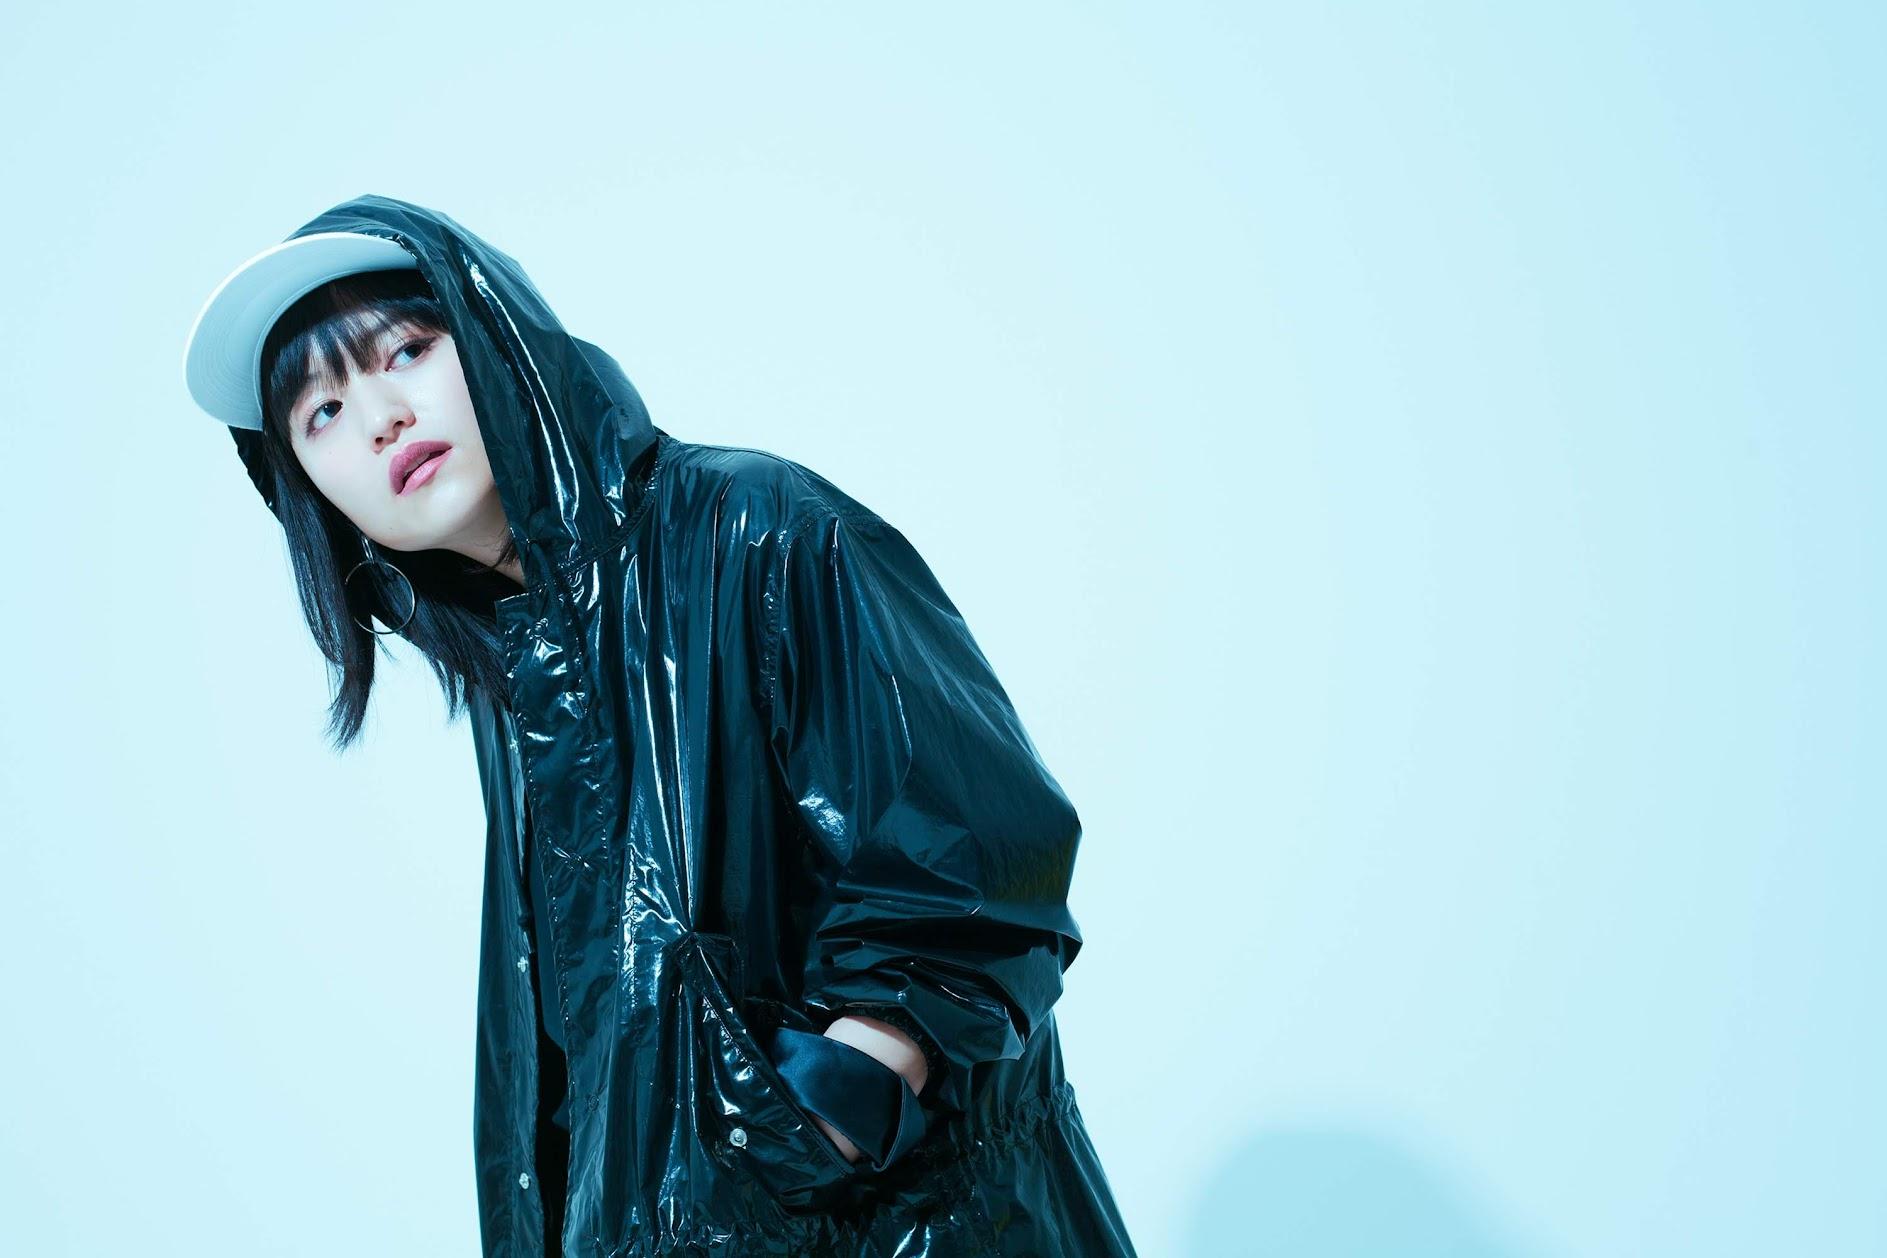 [迷迷演唱會] 星期三的康帕內拉製作人、歌手小袋成彬等齊名背書製作 日本新生代的靈魂歌姬iri與樂壇核彈級的ØZI接棒登場